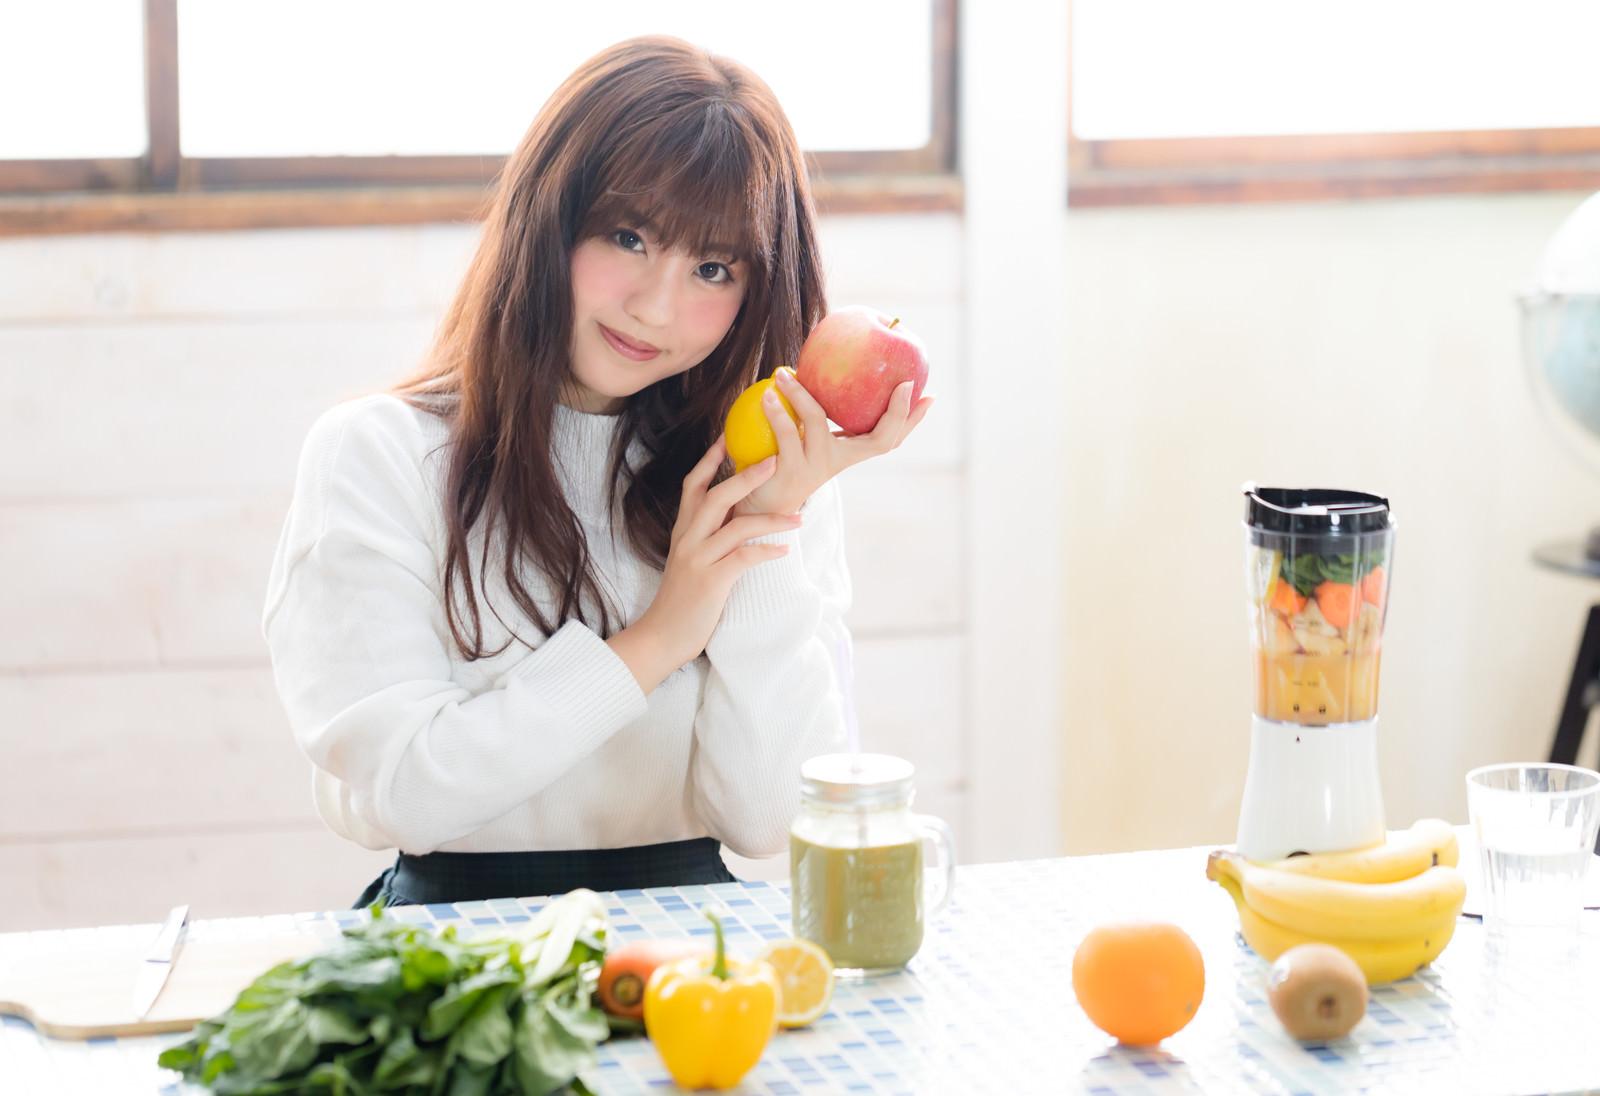 「リンゴとレモンを持って微笑むスムージー女子リンゴとレモンを持って微笑むスムージー女子」[モデル:河村友歌]のフリー写真素材を拡大